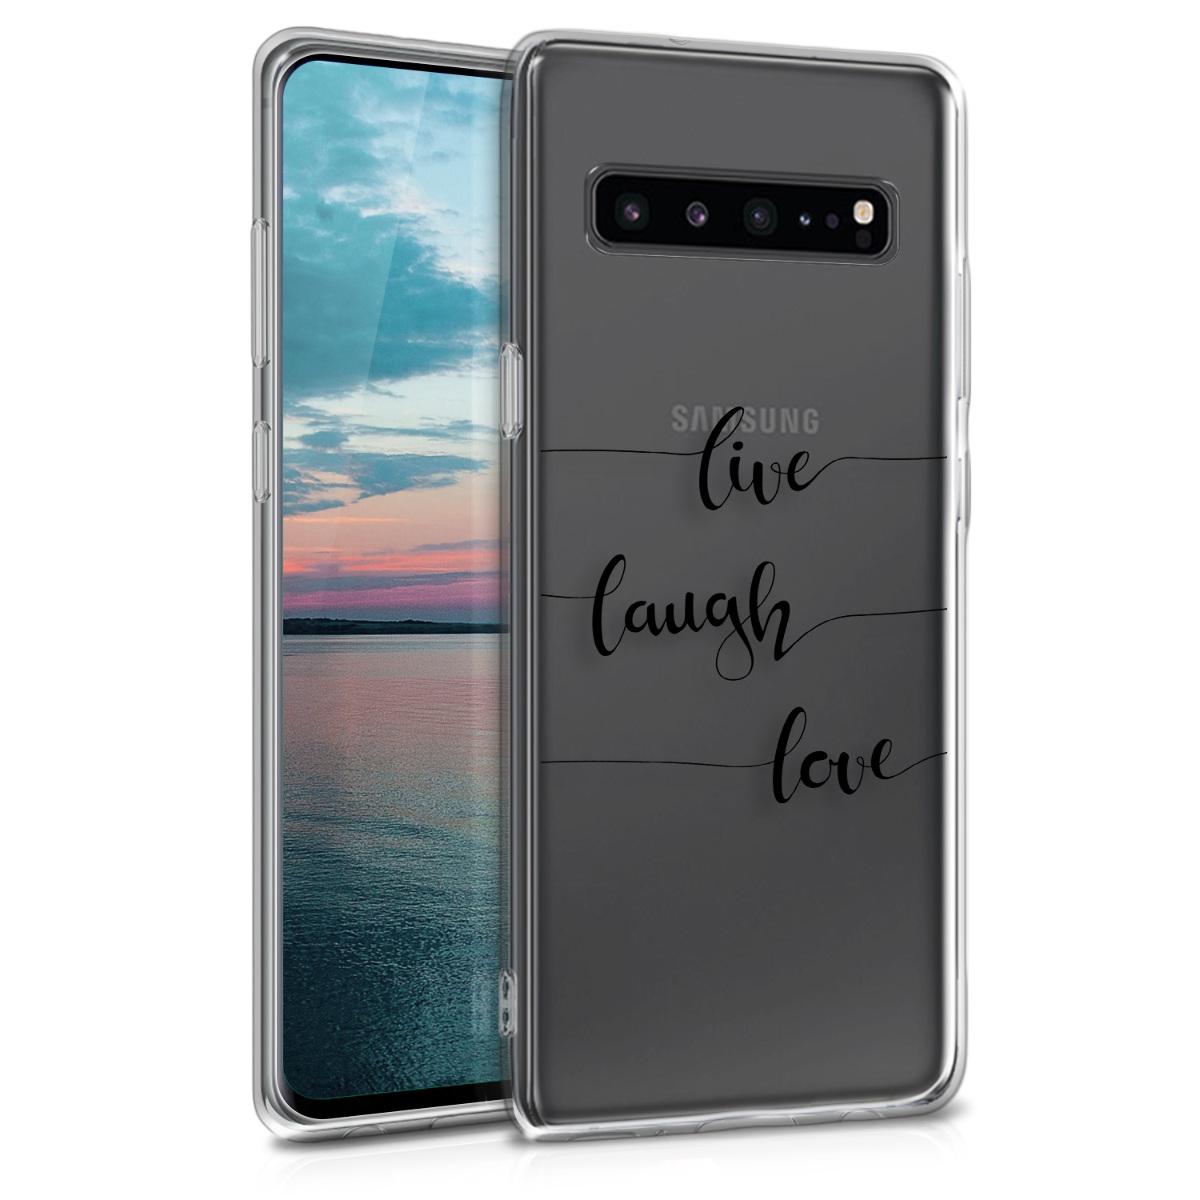 Kvalitní silikonové TPU pouzdro pro Samsung S10 5G - Žít, smích, láska černé / transparentní